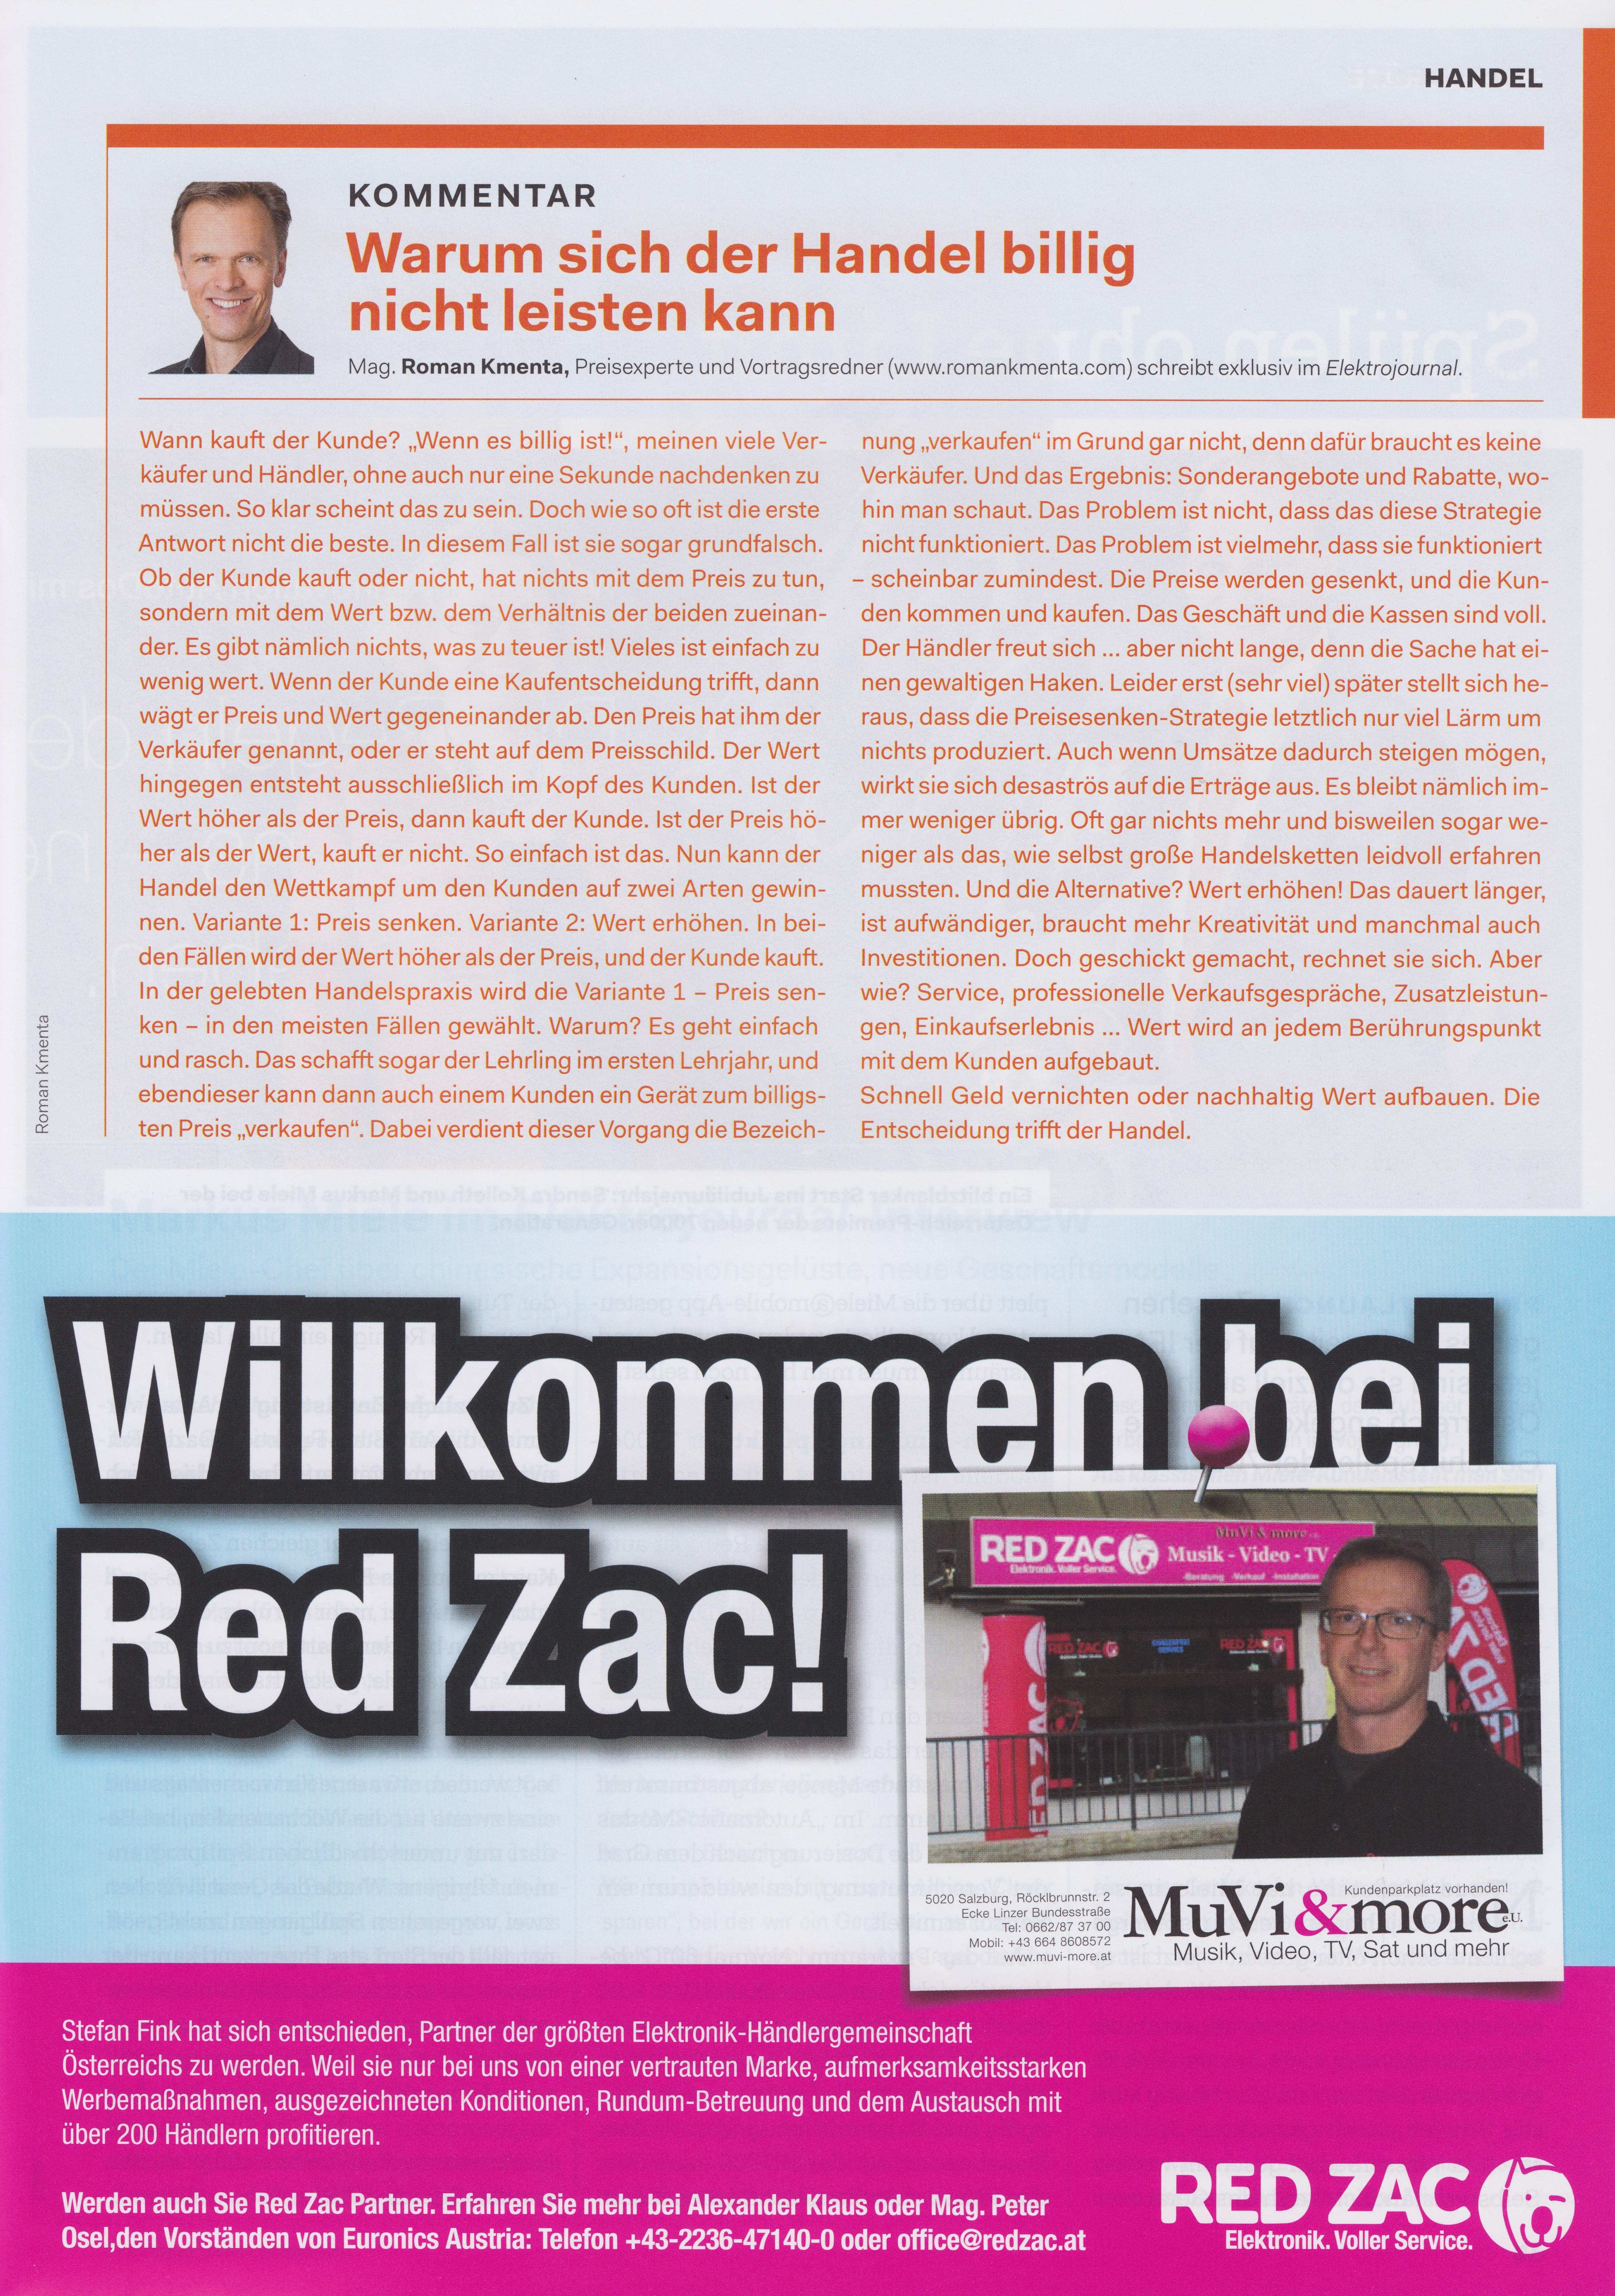 Elektrojournal 01-02 2019 - Beitrag Mag. Roman Kmenta - Warum sich der Handel billig nicht leisten kann